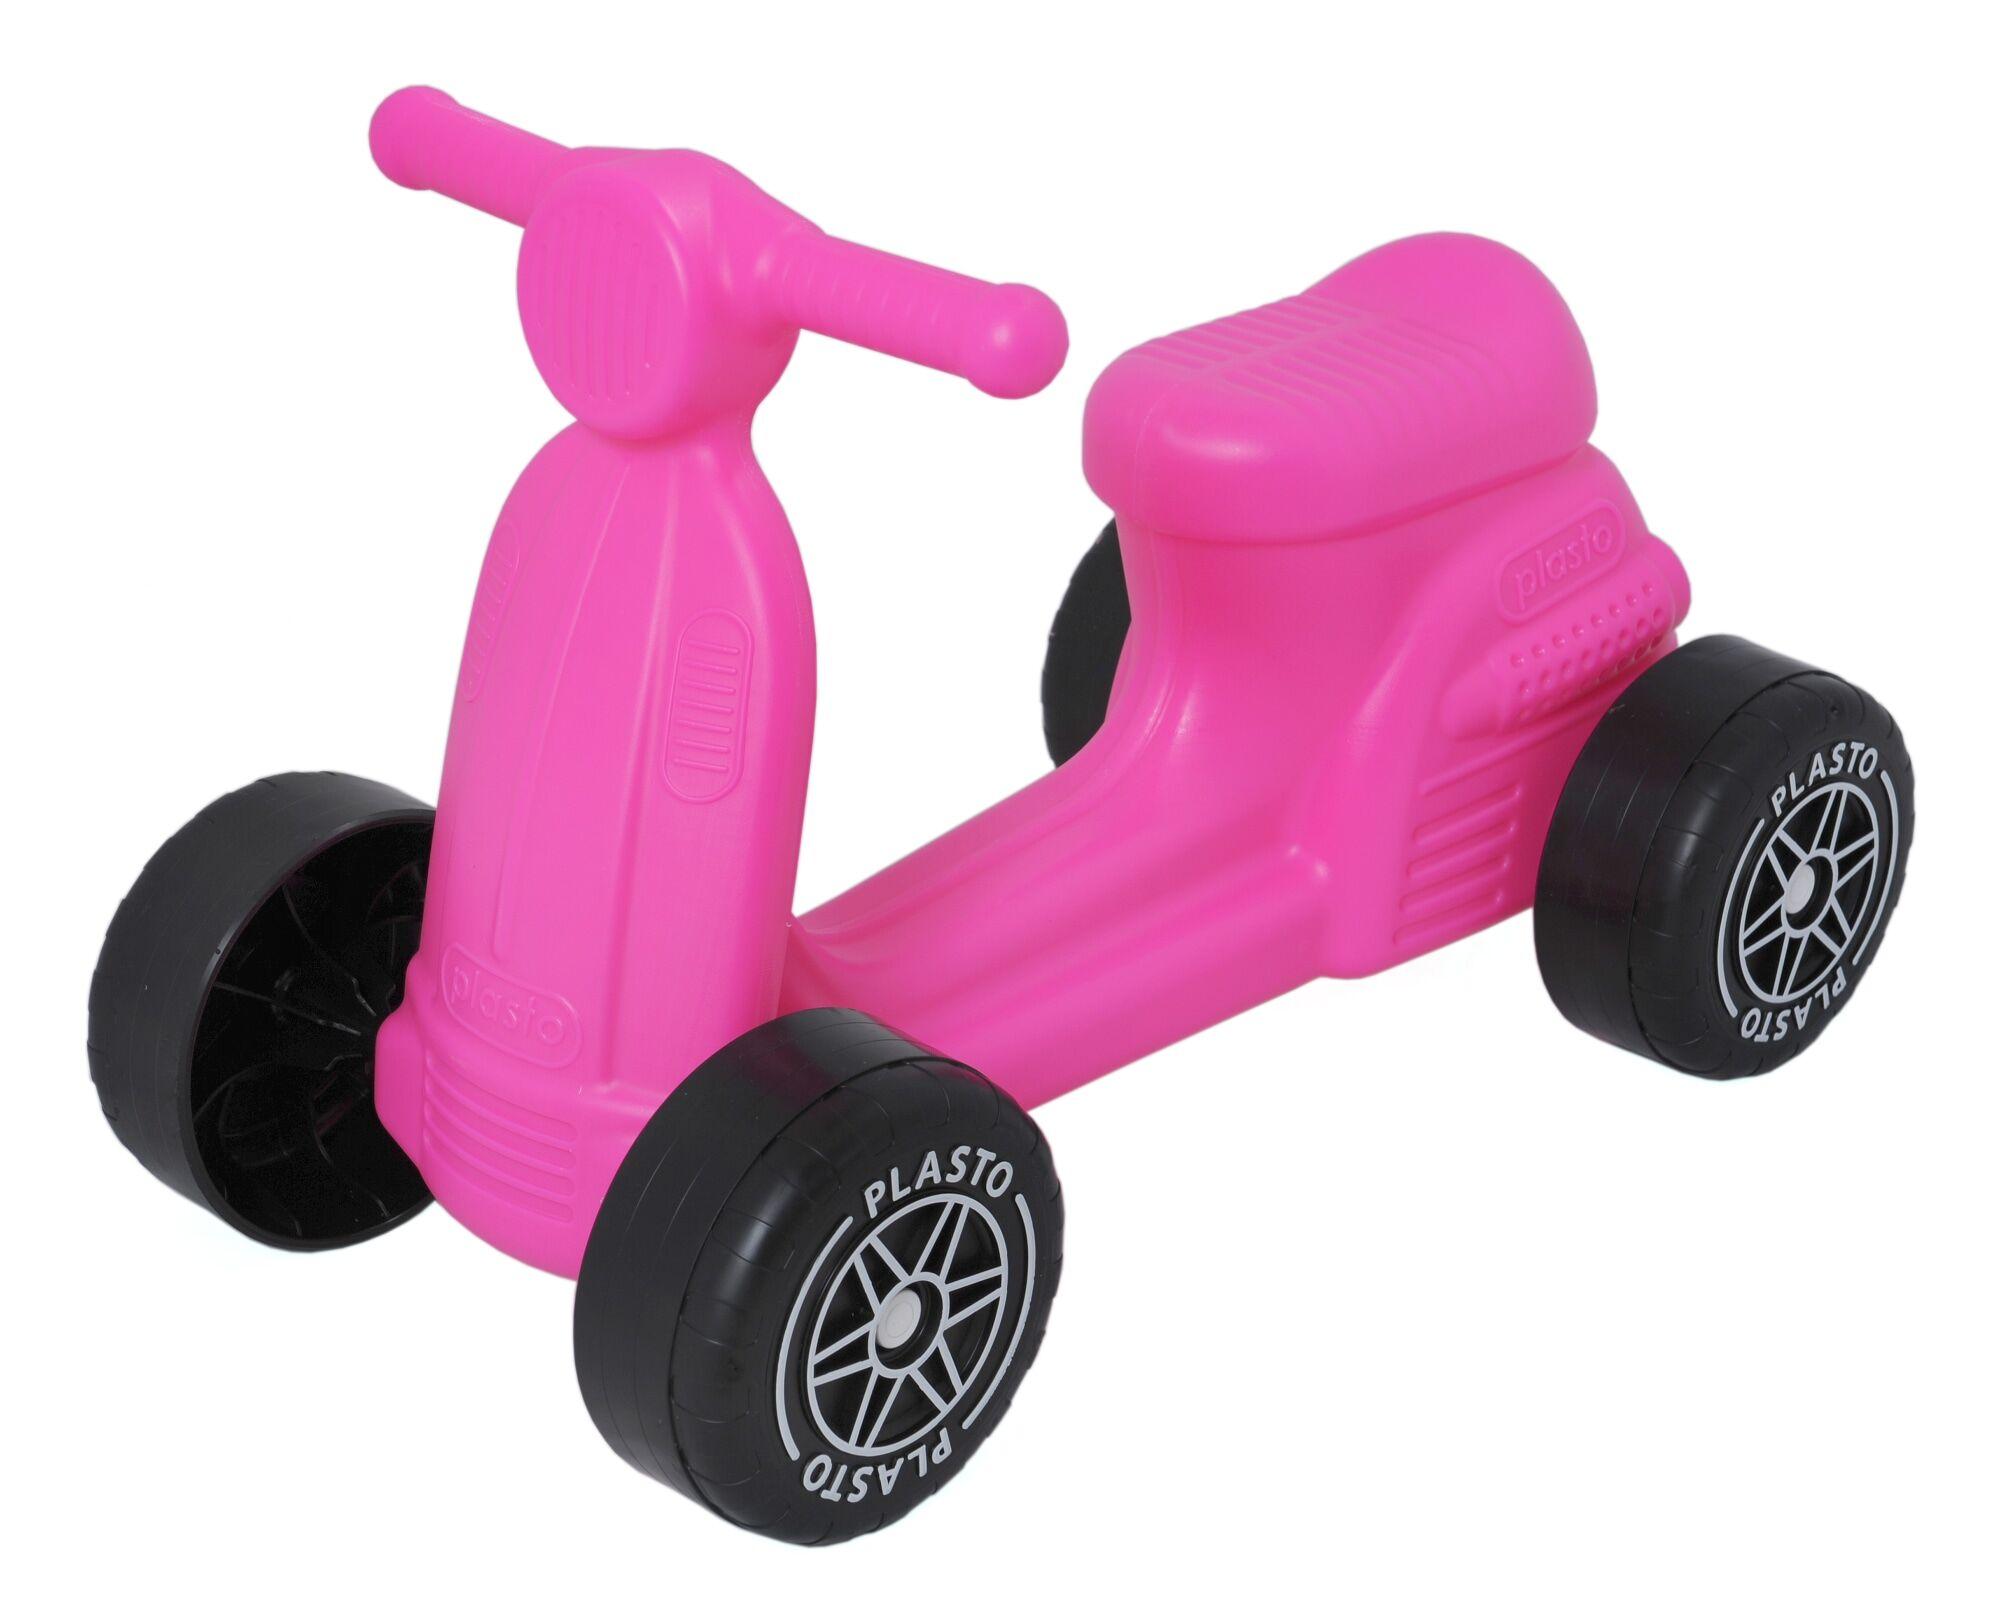 Plasto pinkki skootteri hiljaisilla pyörillä